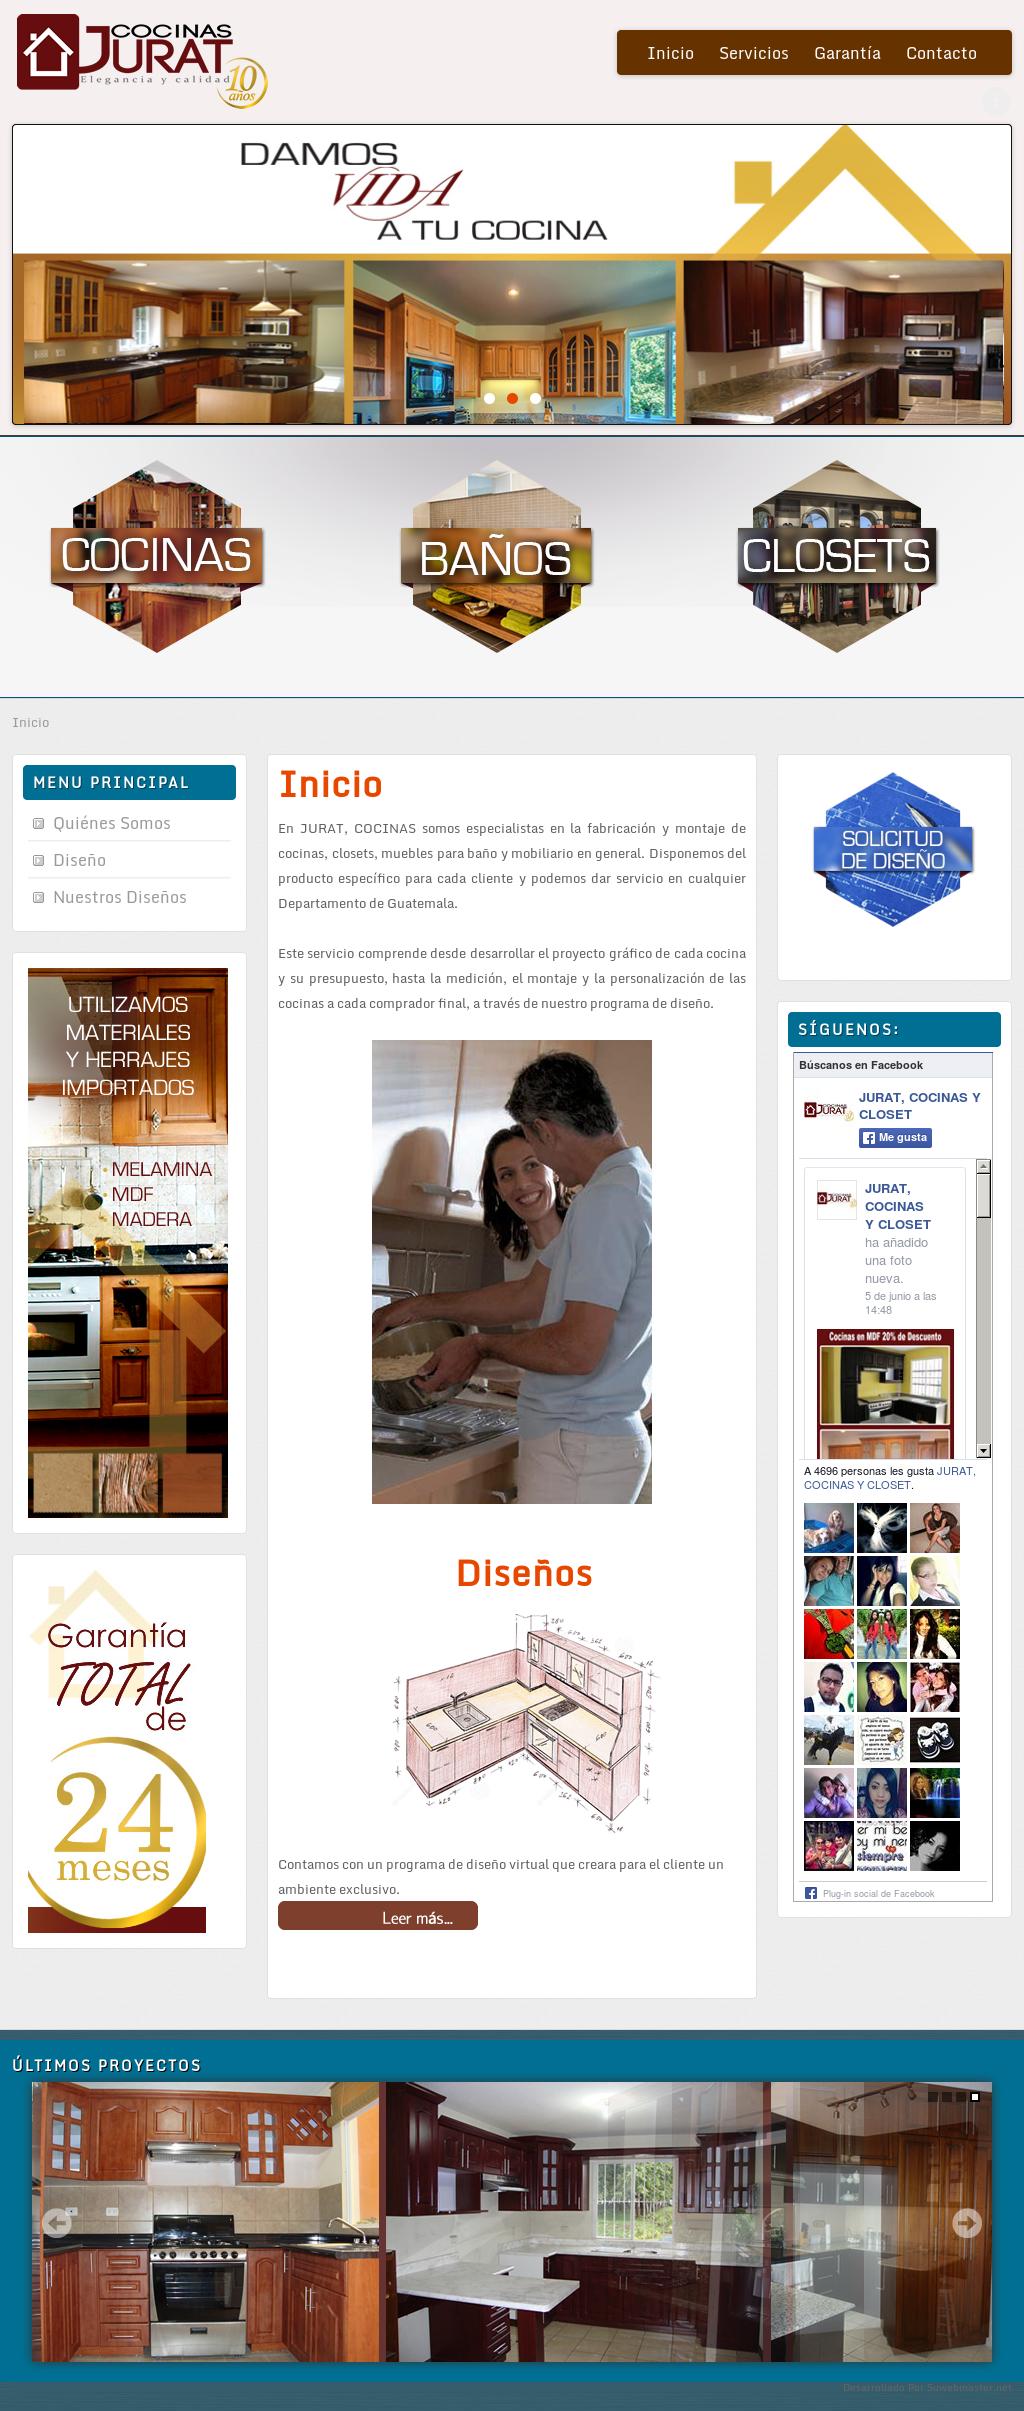 Jurat, Cocinas Y Closet Competitors, Revenue and Employees